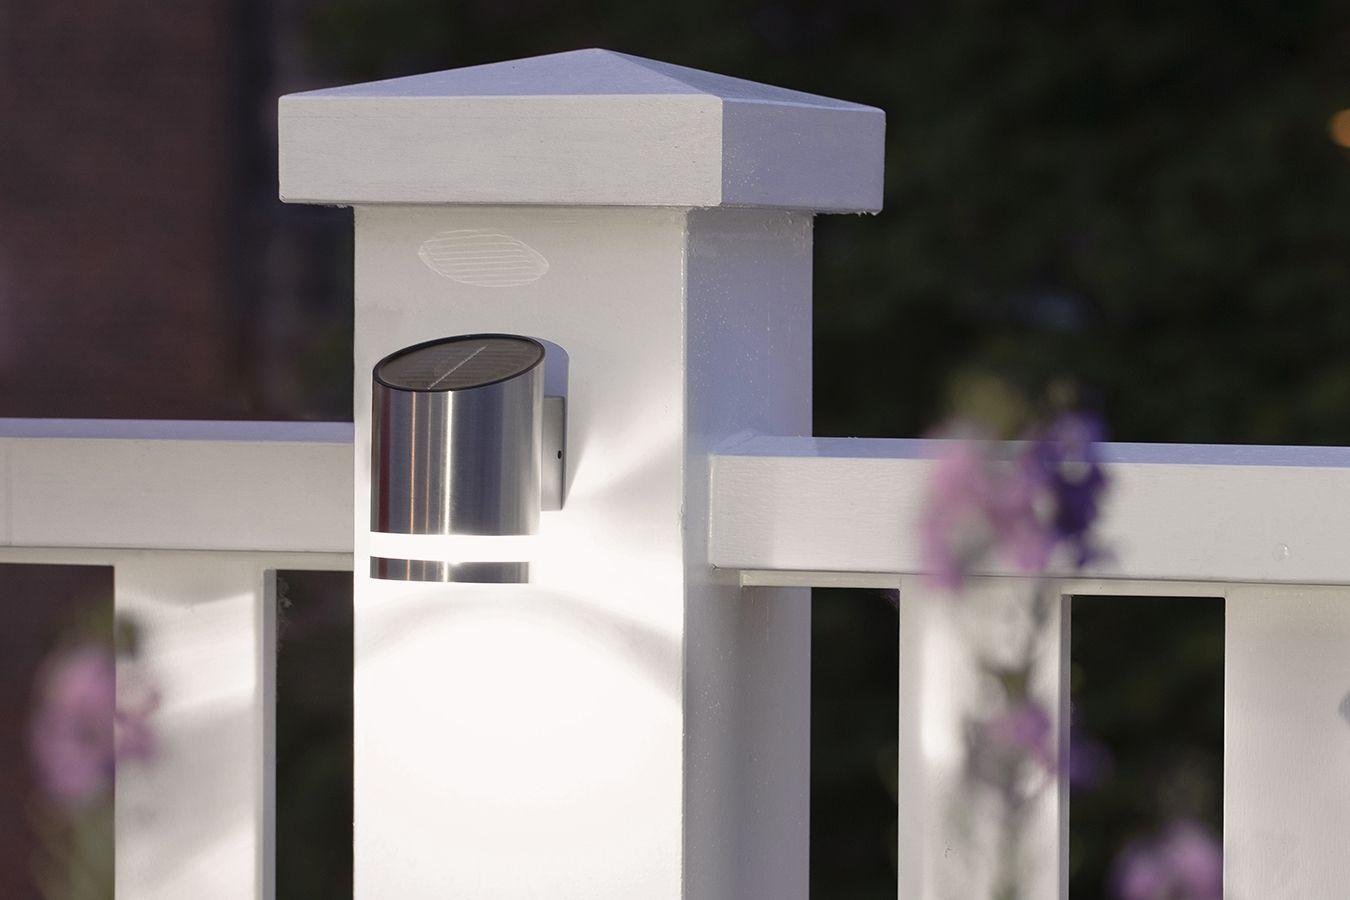 Solar Wandlamp Tuin : Utah led solar wandlamp led lovers